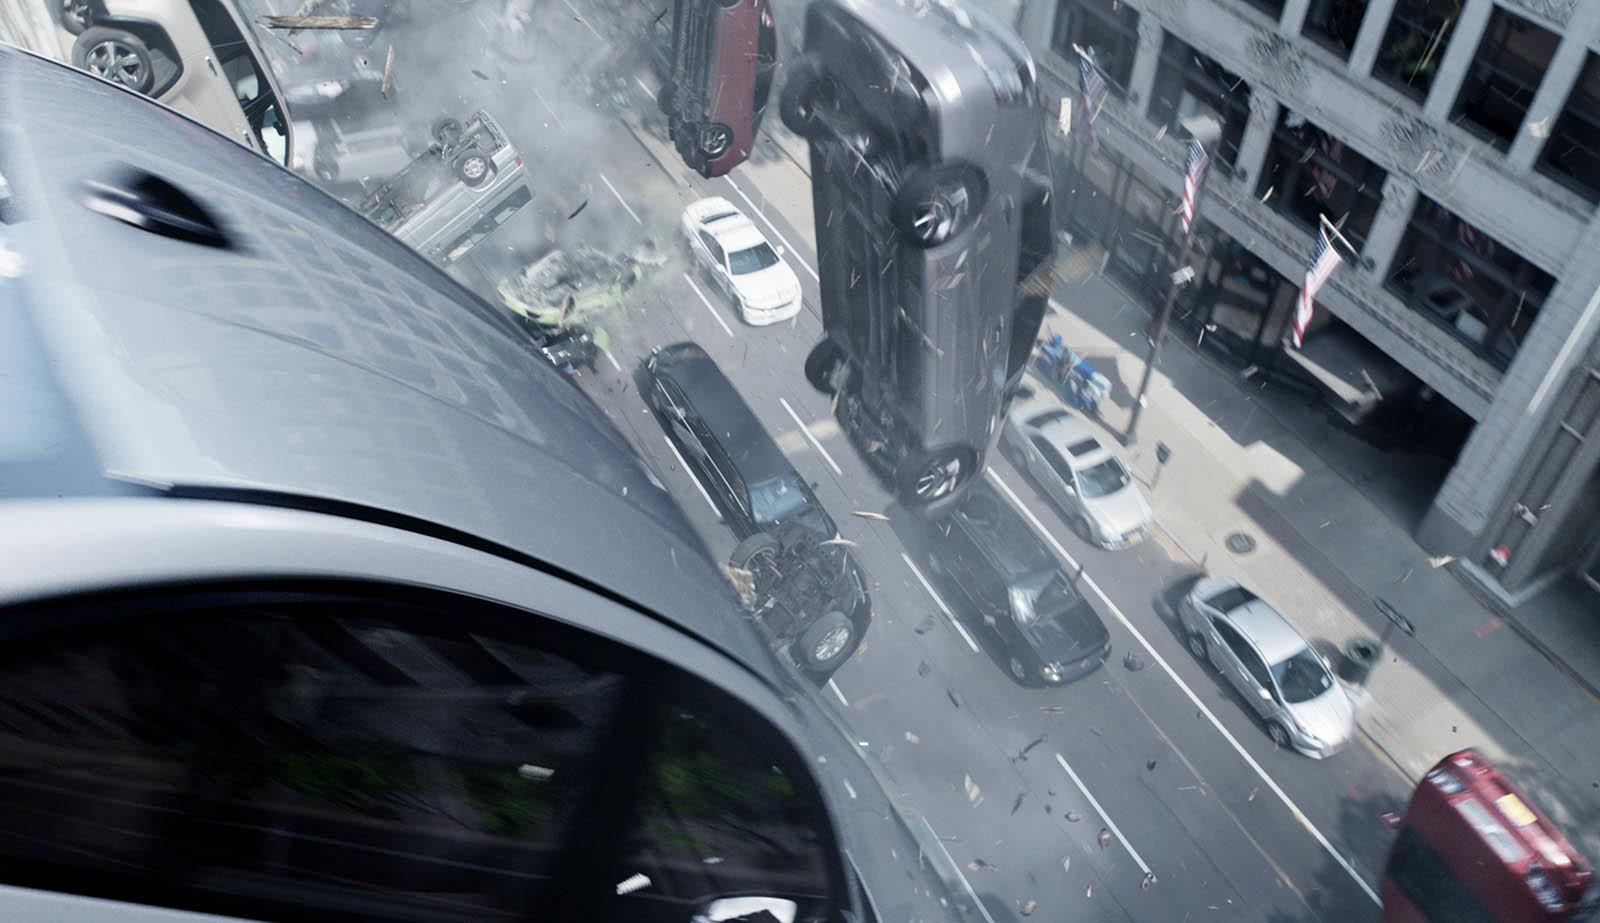 Hızlı Ve Öfkeli 8 Filmini Tek Part İndir Ekran Görüntüsü 2